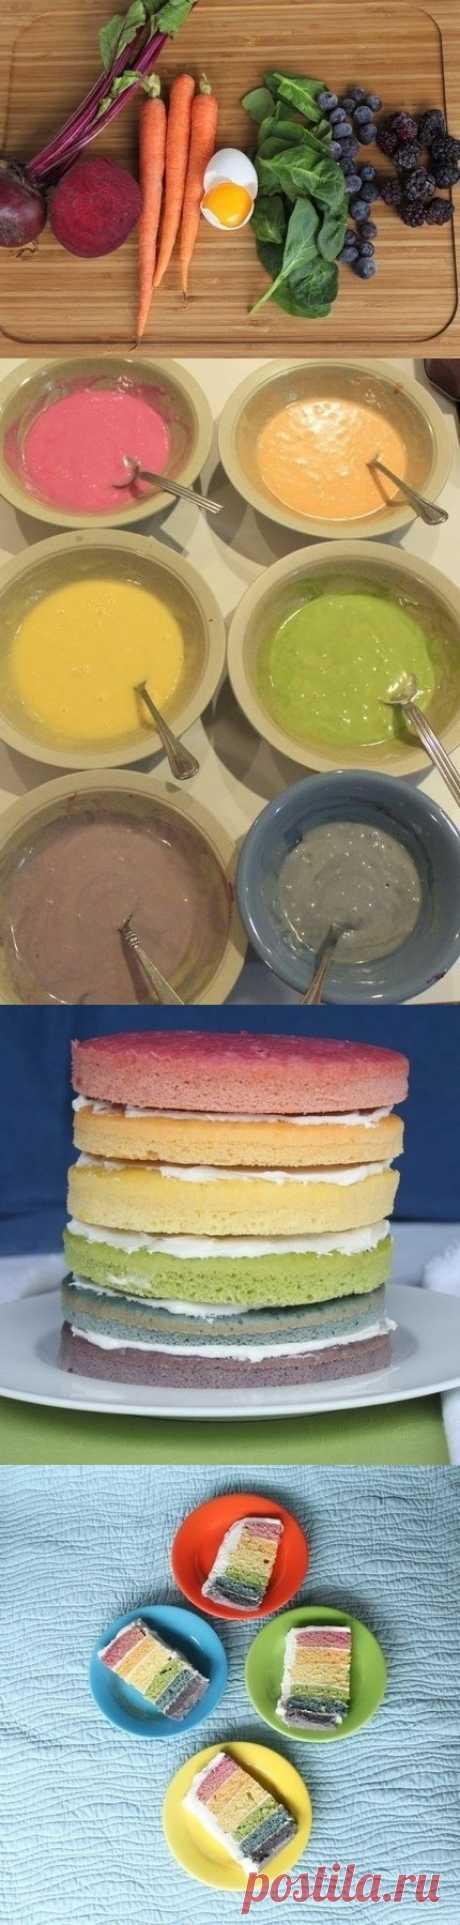 Торт Радуга с натуральными красителями